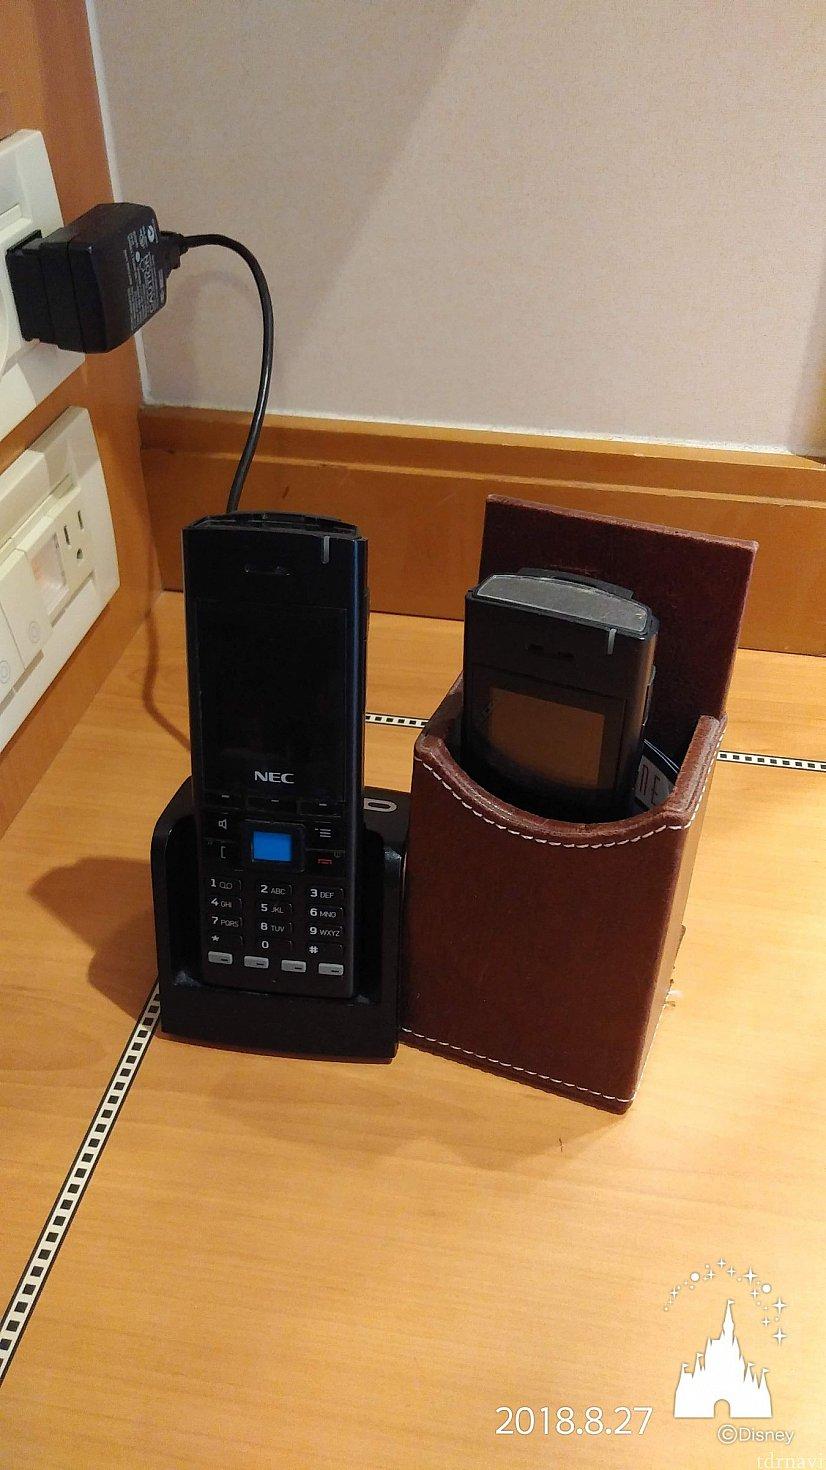 船内用の携帯電話です。